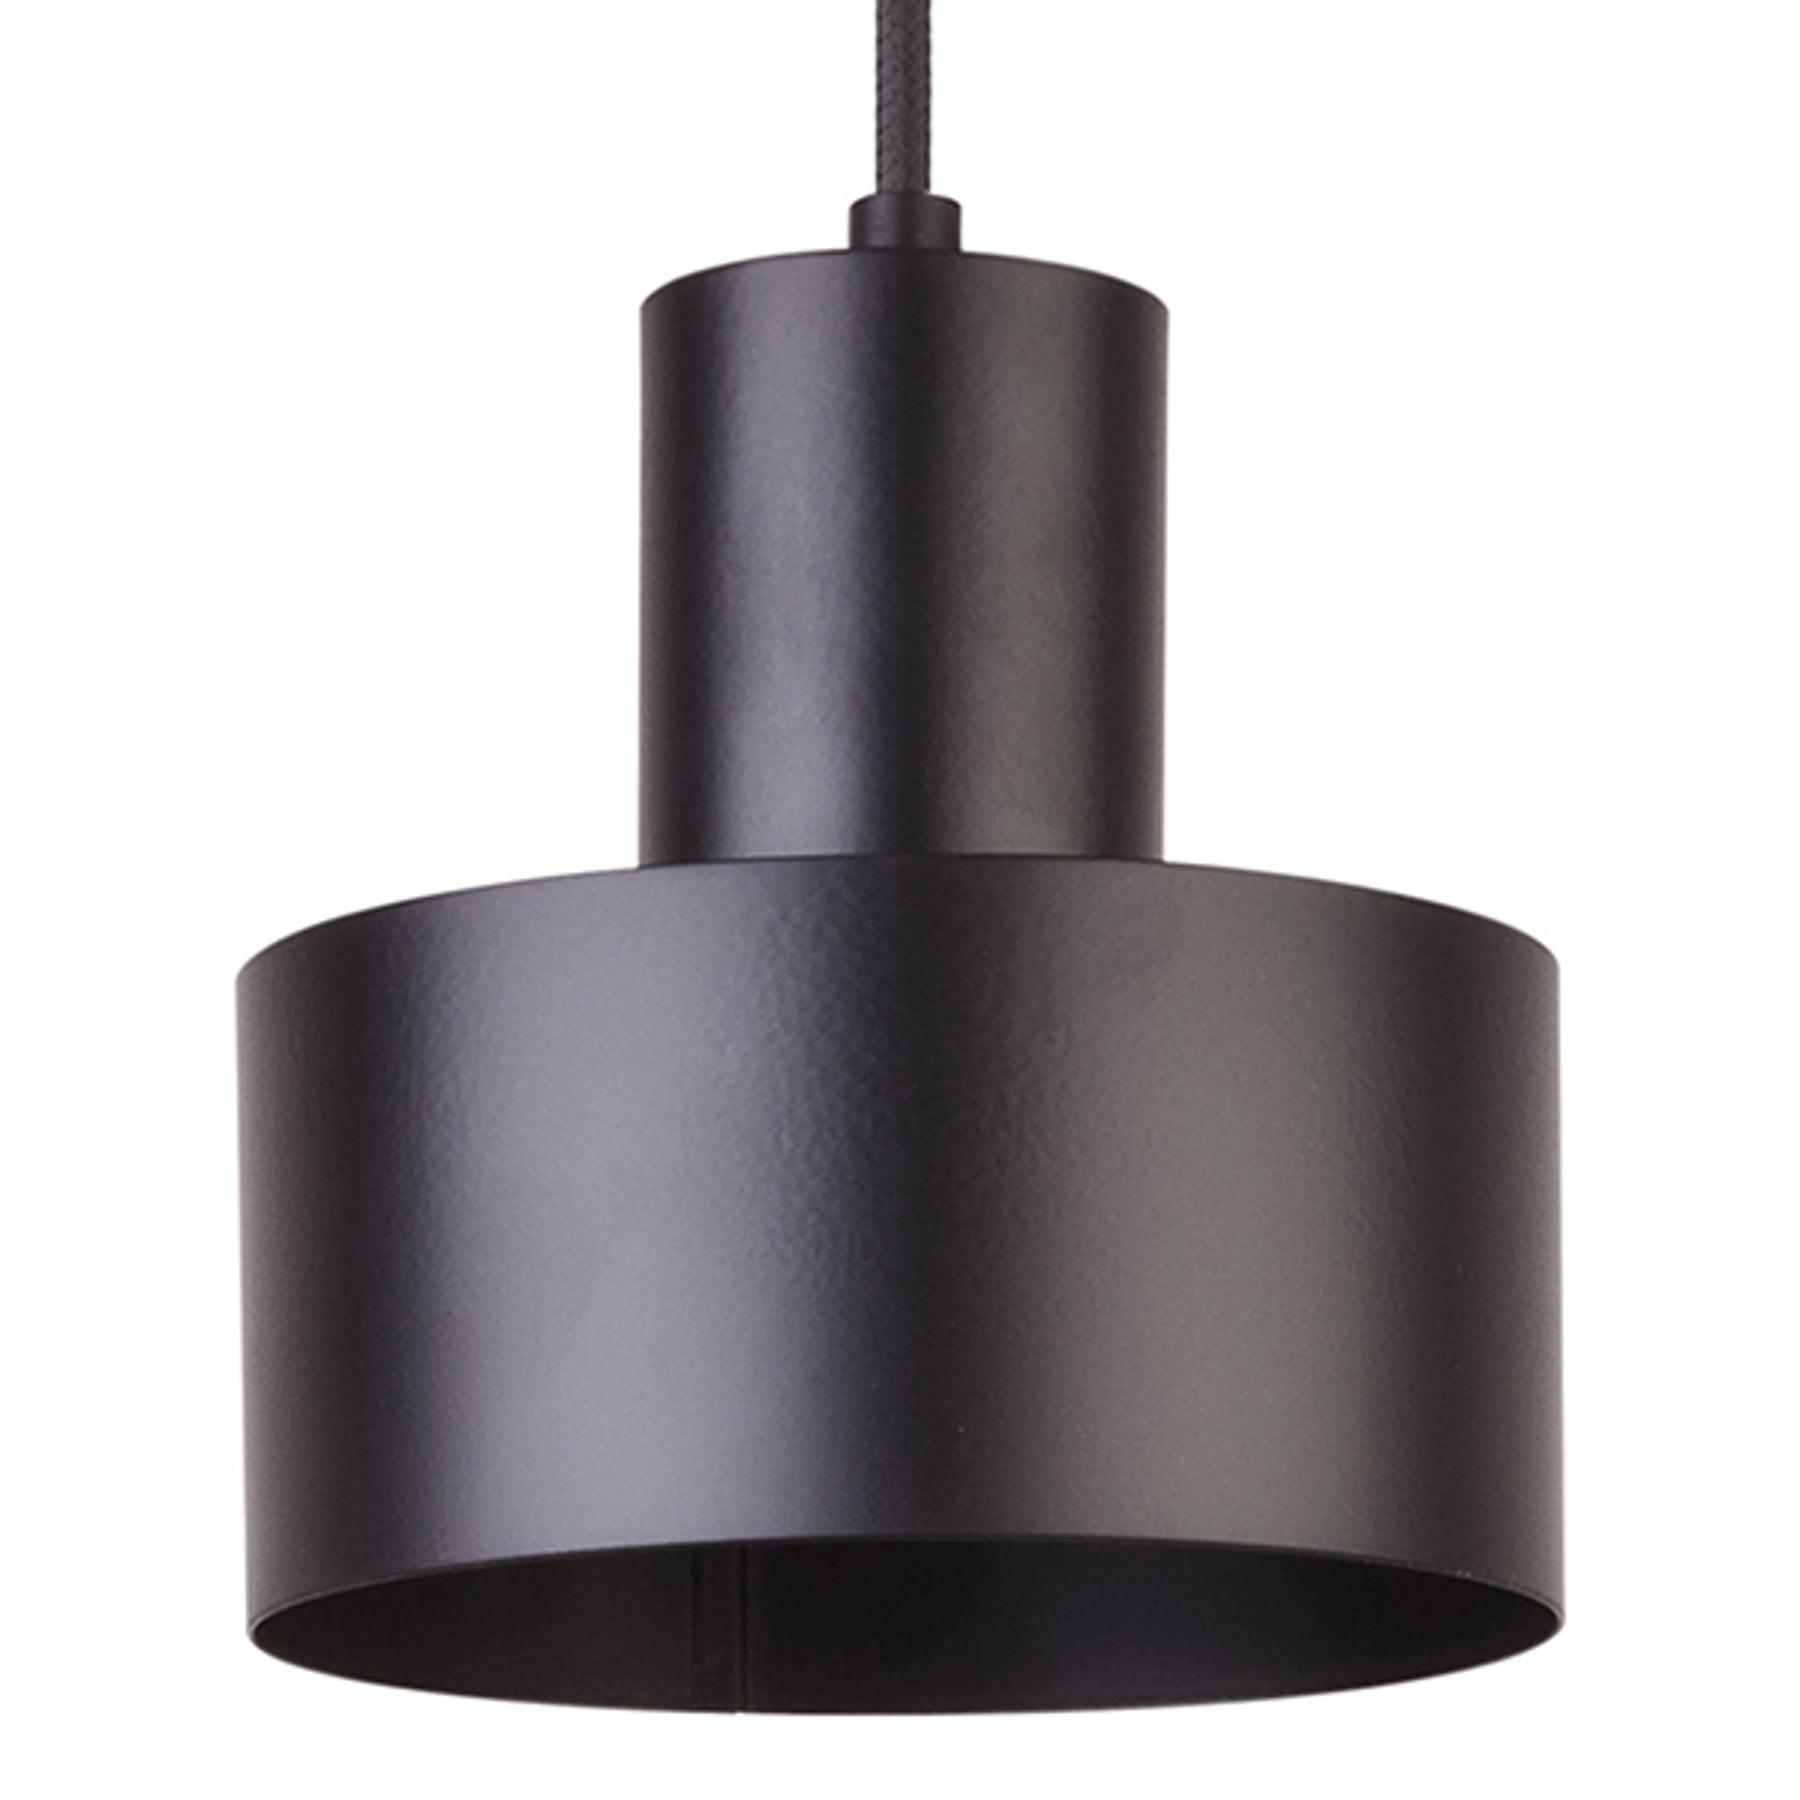 Riippuvalaisin Rif metallista, musta, Ø 15cm